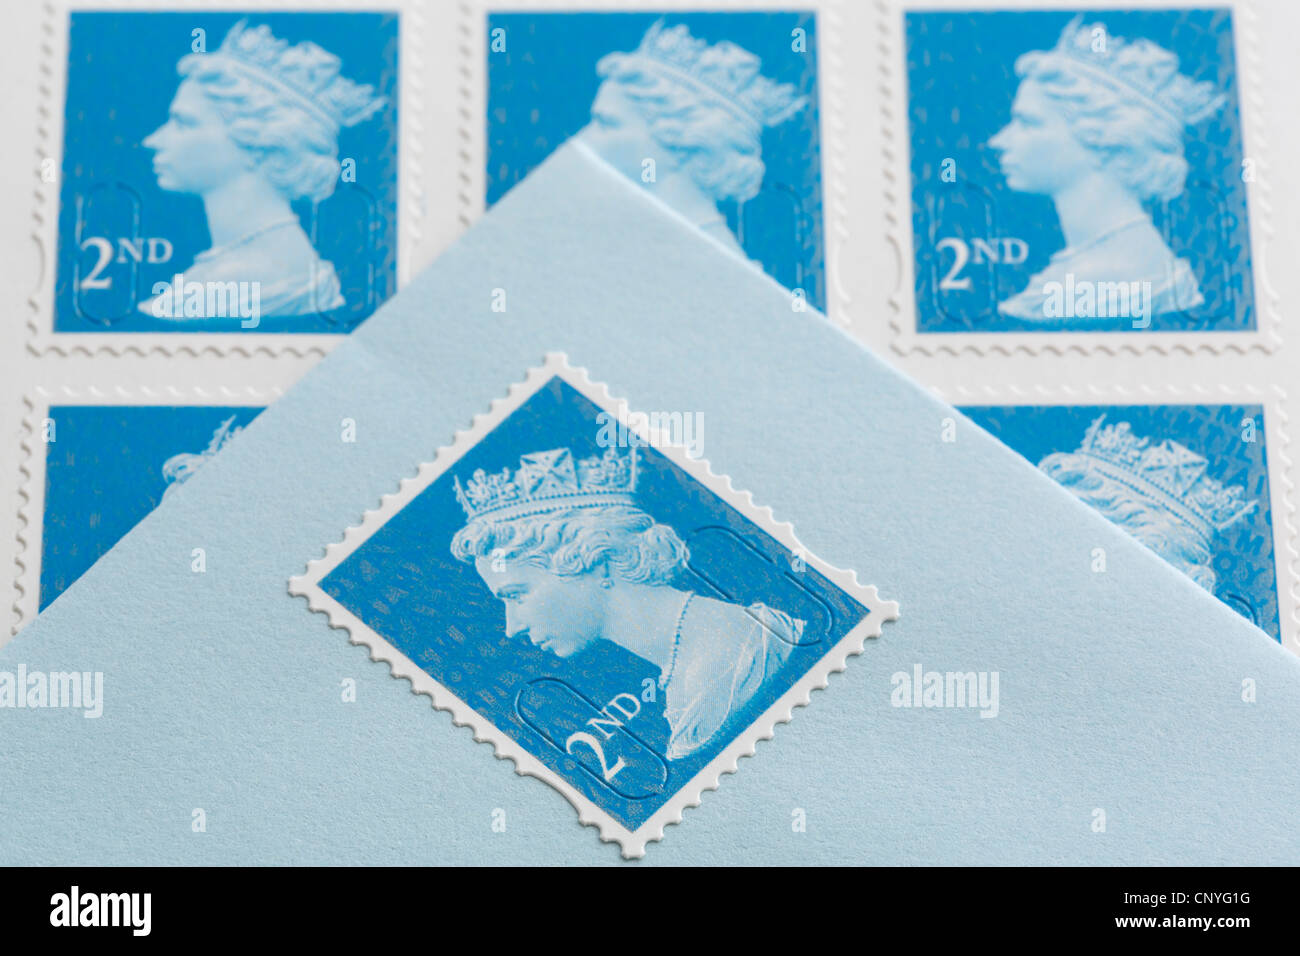 Uk Großbritannien Royal Mail Zweiter Klasse Briefmarken